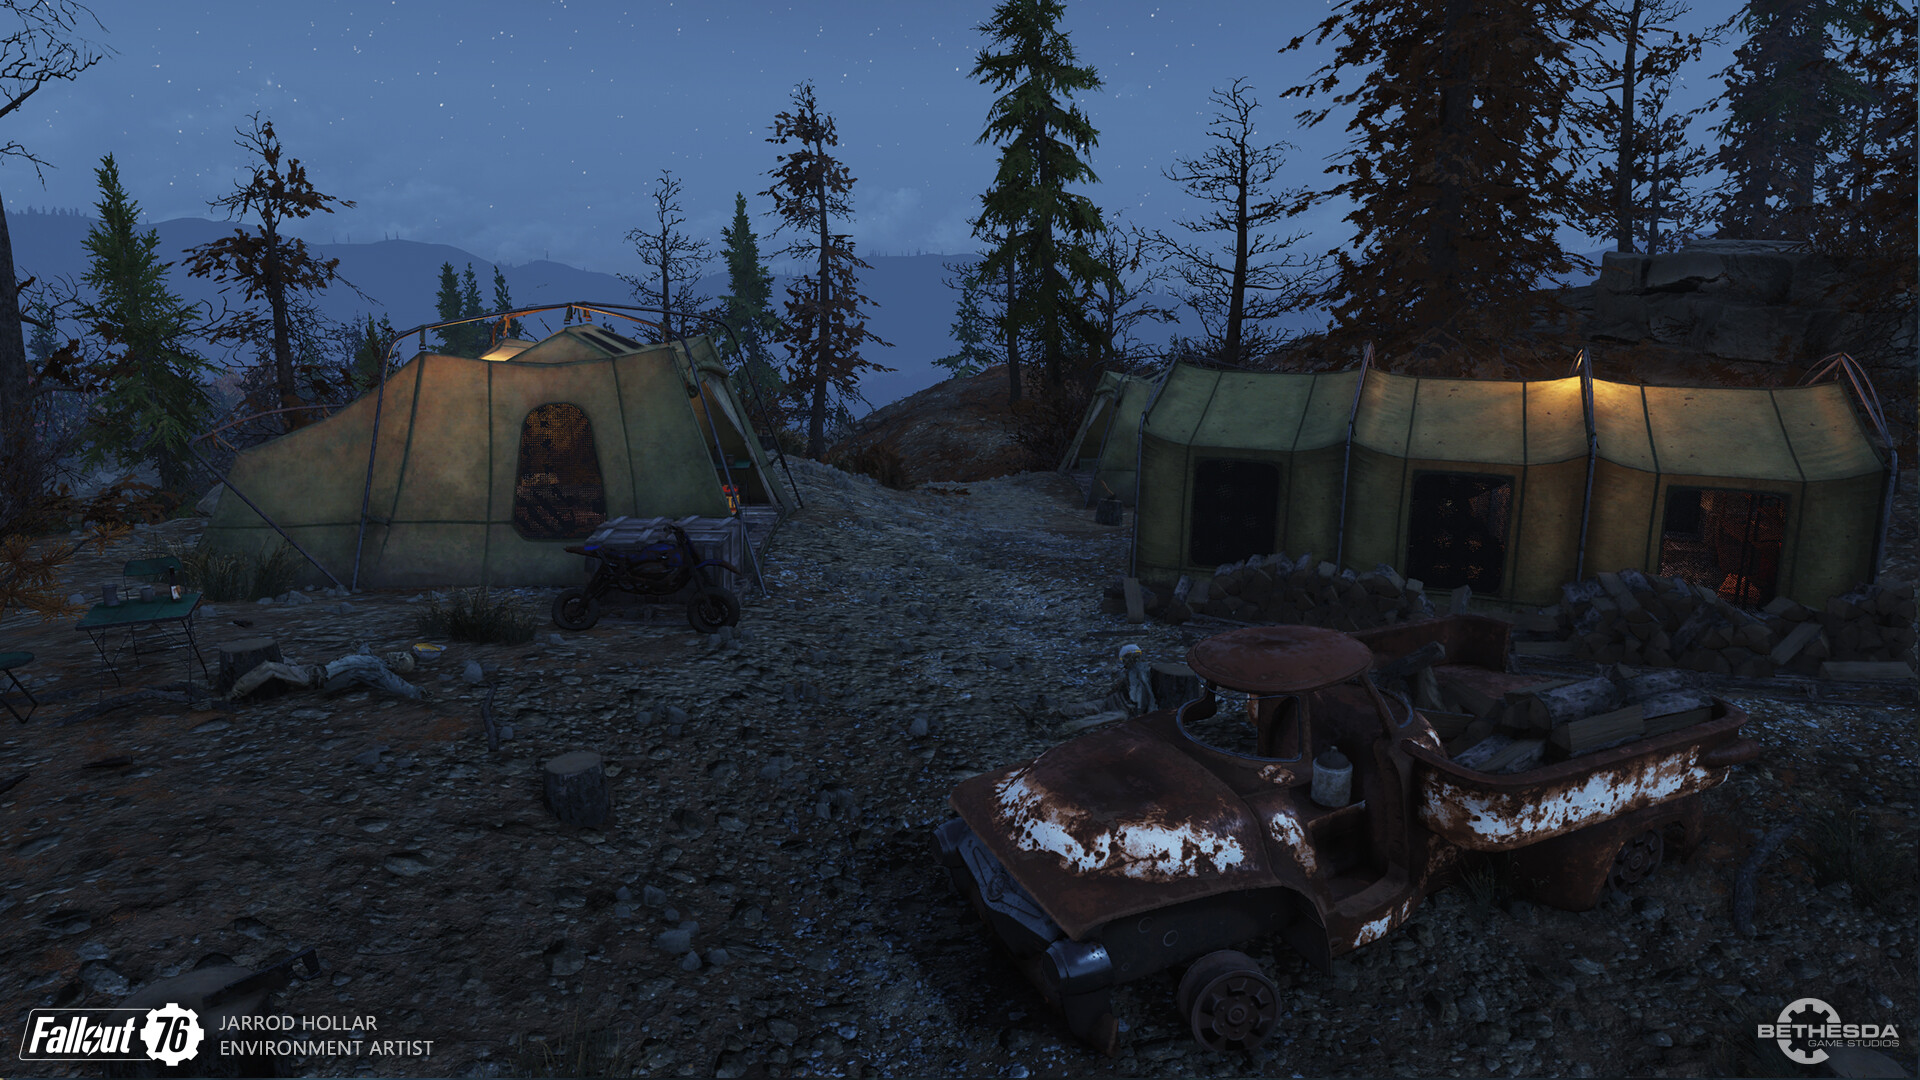 ArtStation - Fallout 76, Jarrod Hollar